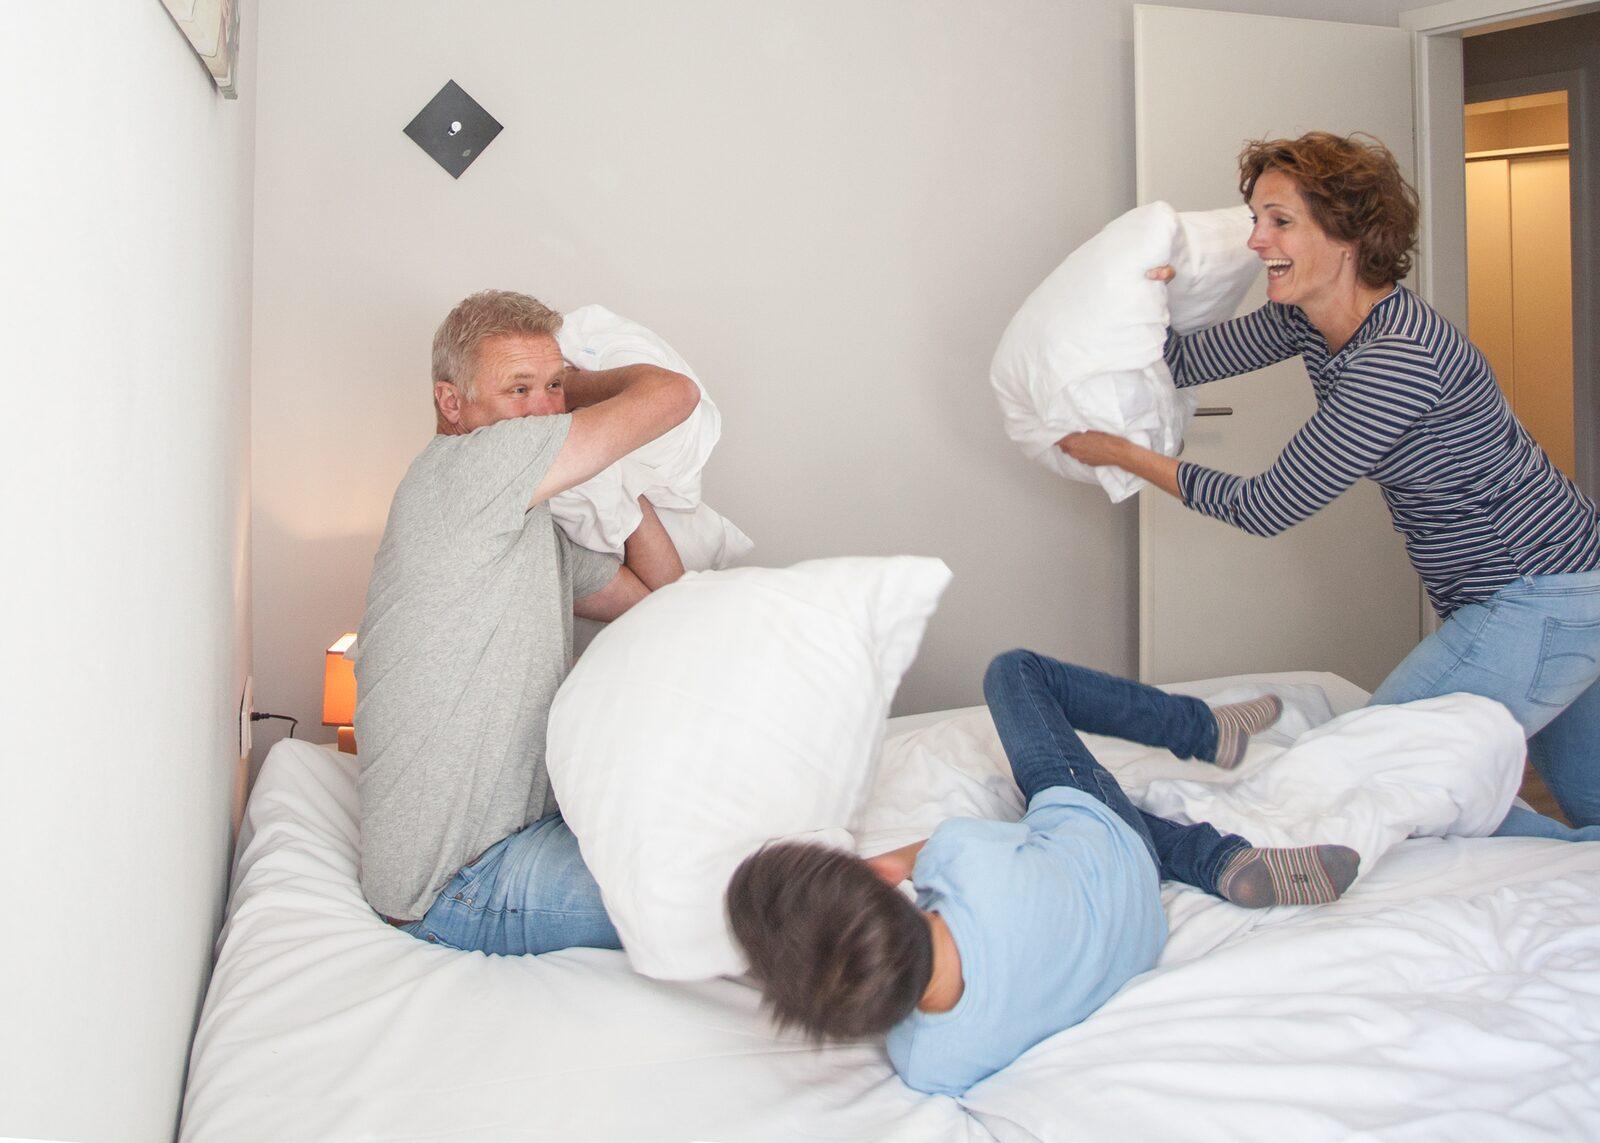 Ferienwohnung(en) - Comfort 8 Personen [2 FeWo's: 1 x 6-Pers. + 1 x 2-Pers.]